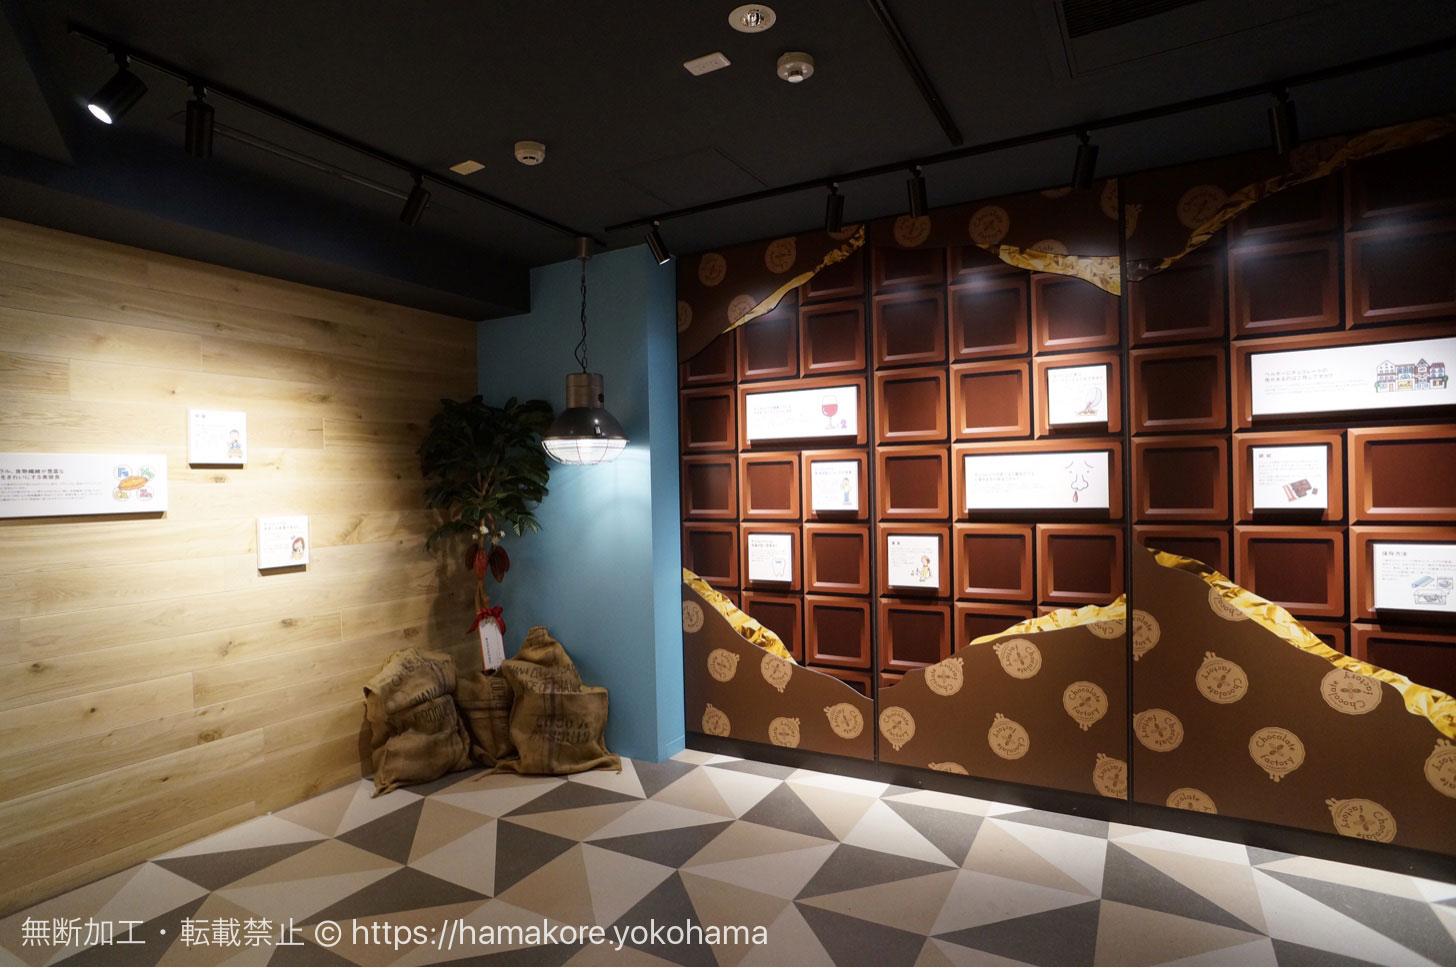 ミュージアム物販スペース